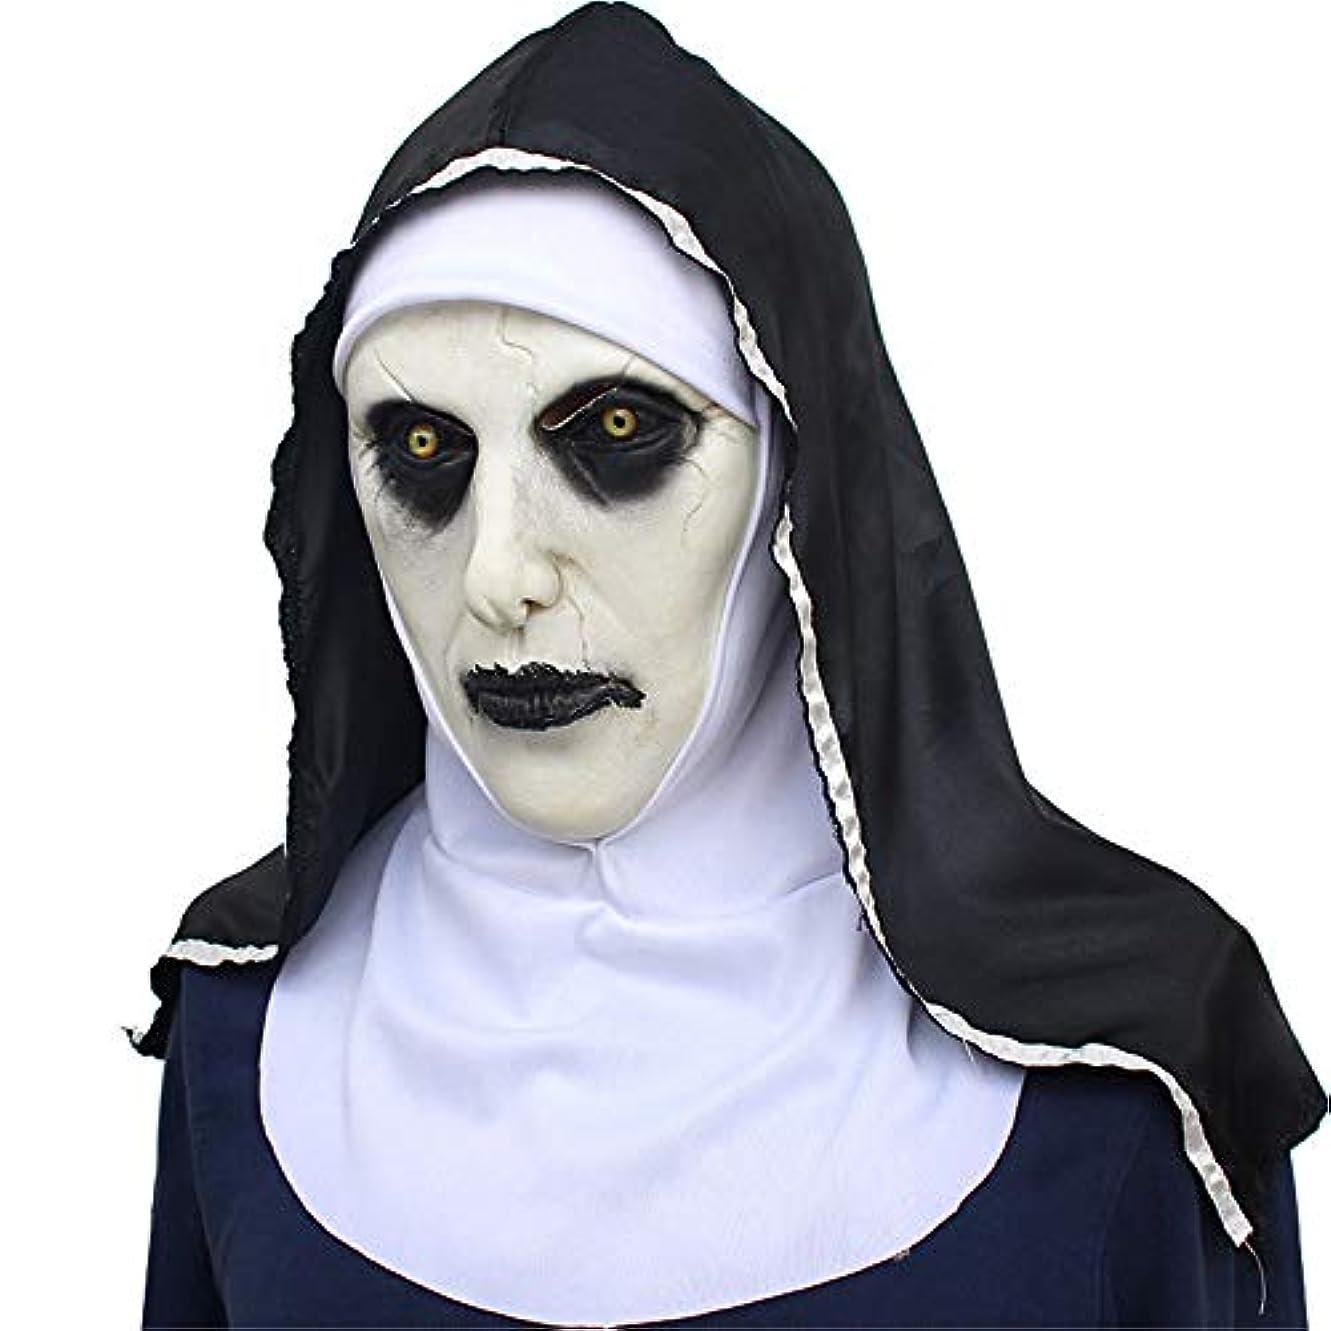 竜巻退屈な土器ハロウィンゴーストフェスティバルホラー修道女仮面の気絶女性ゴーストフェイスカバー